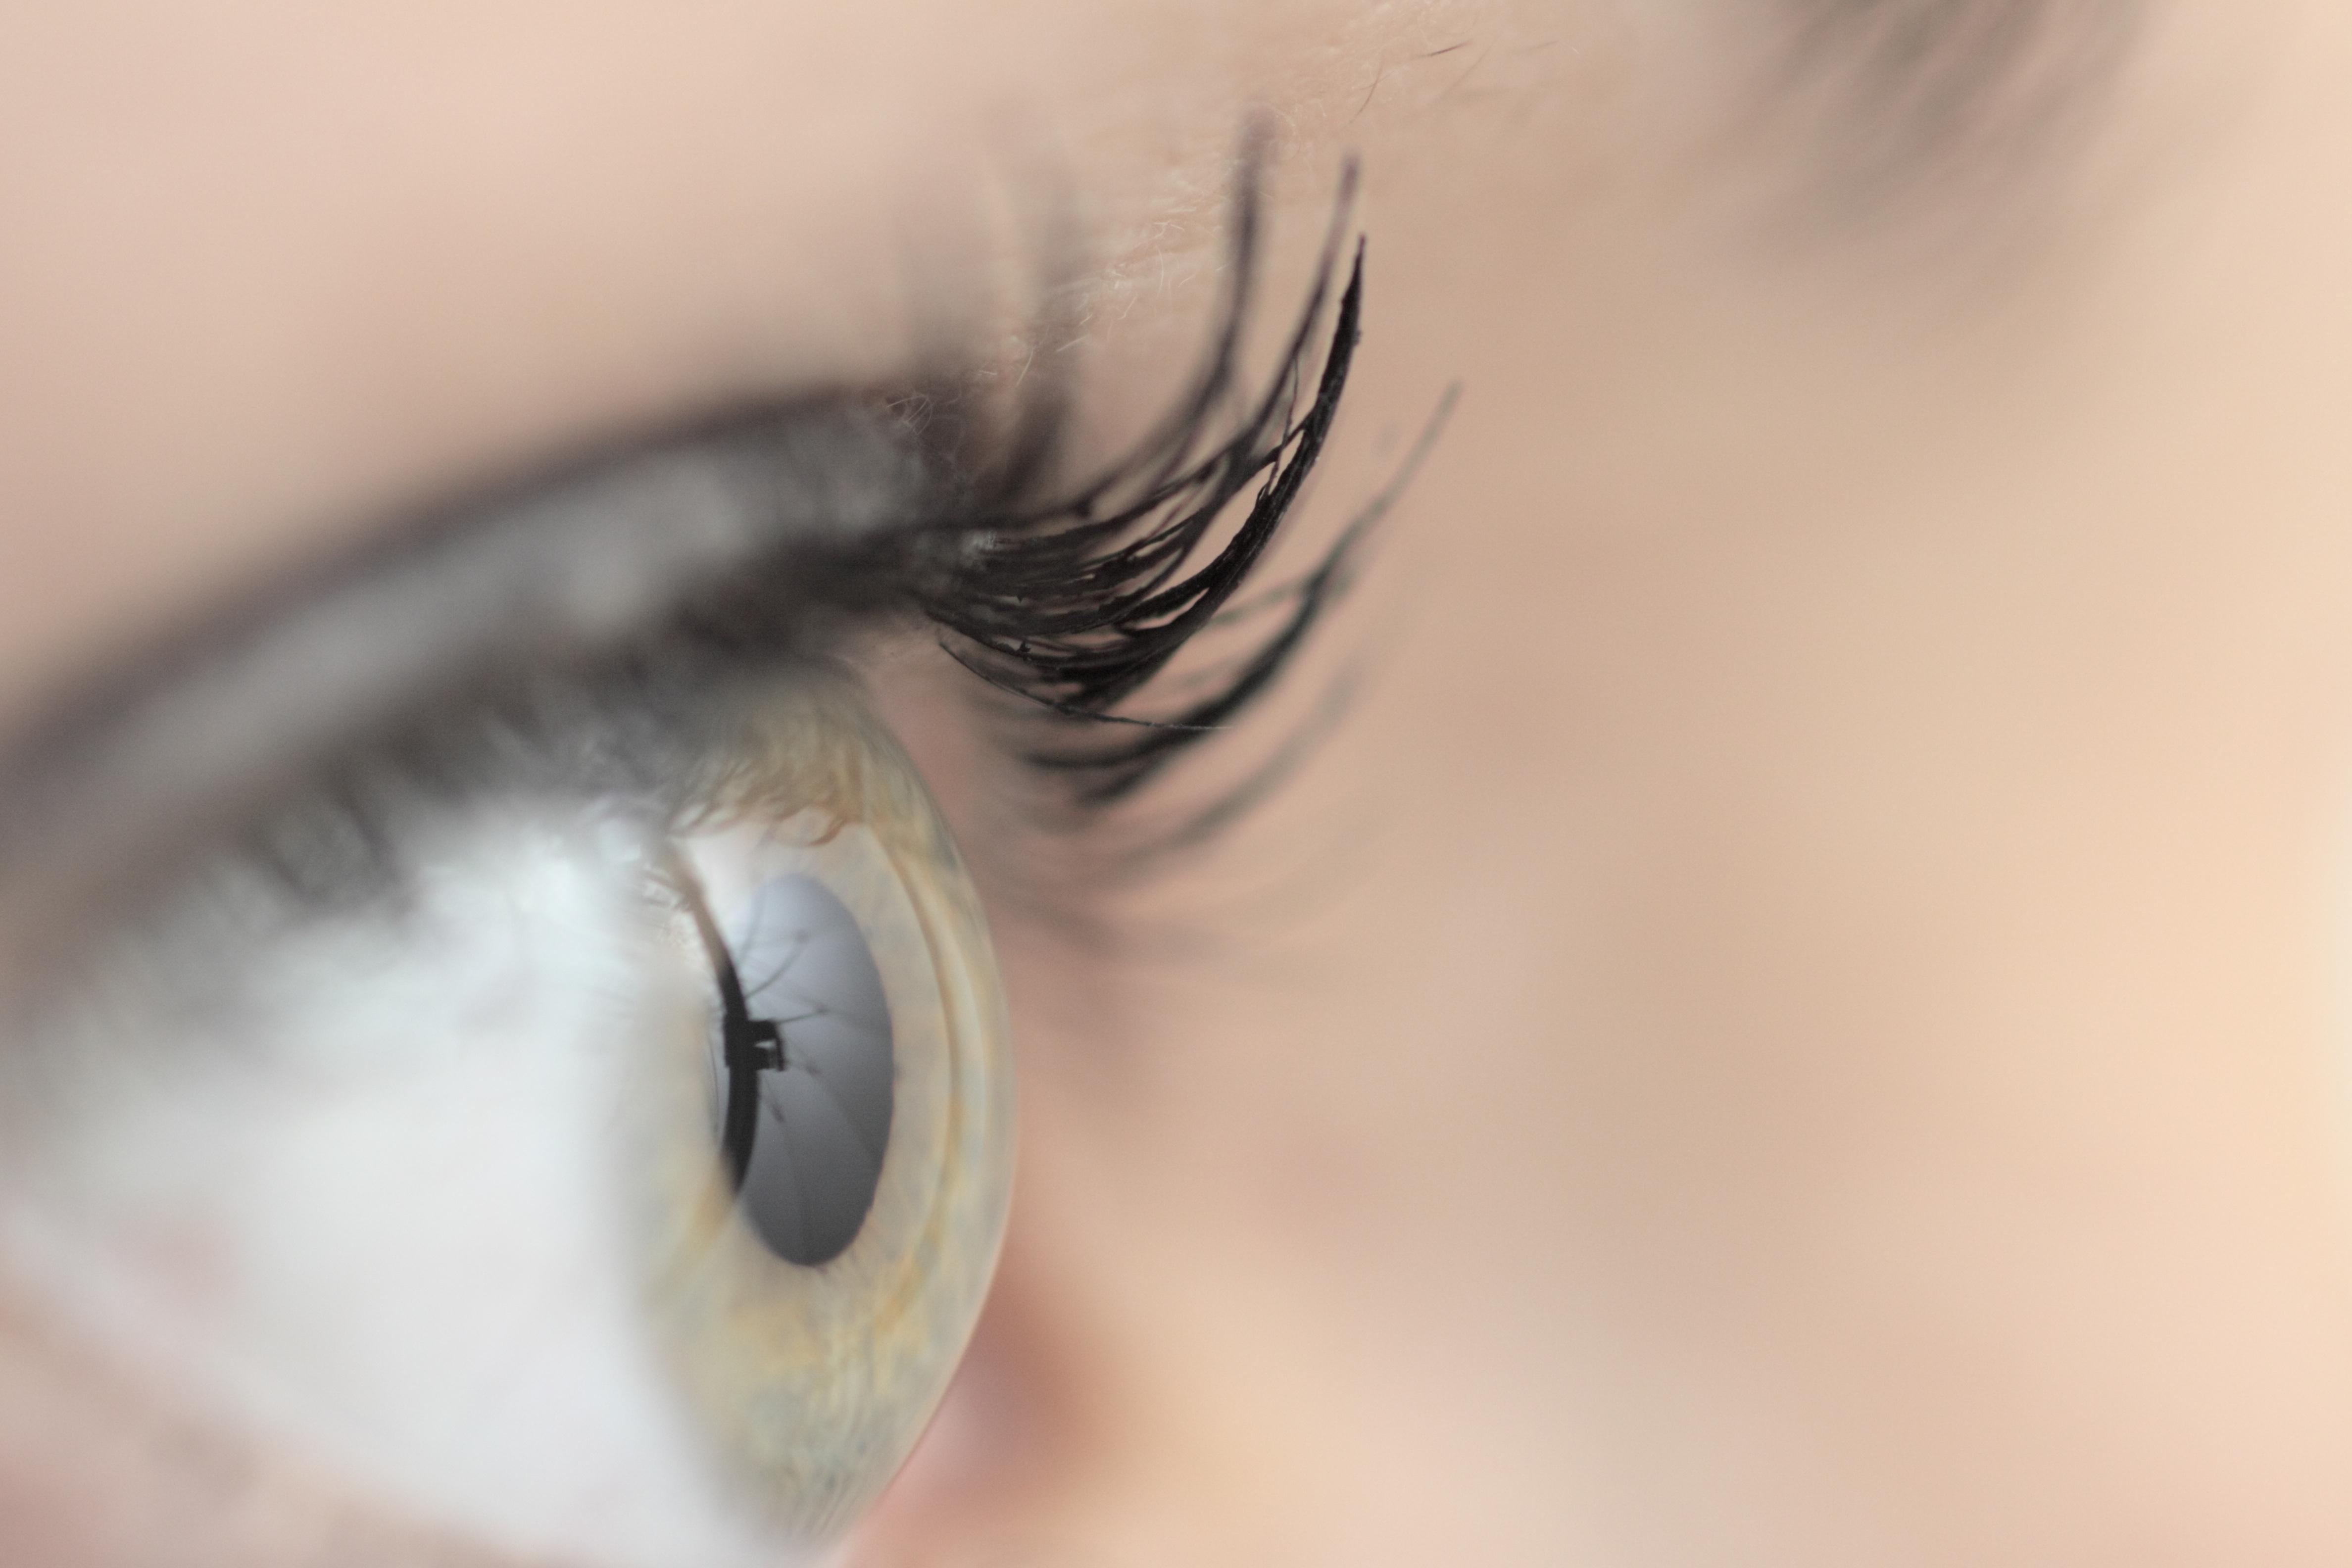 19a572efcce Benefits of Eyelash Tinting | LEAFtv